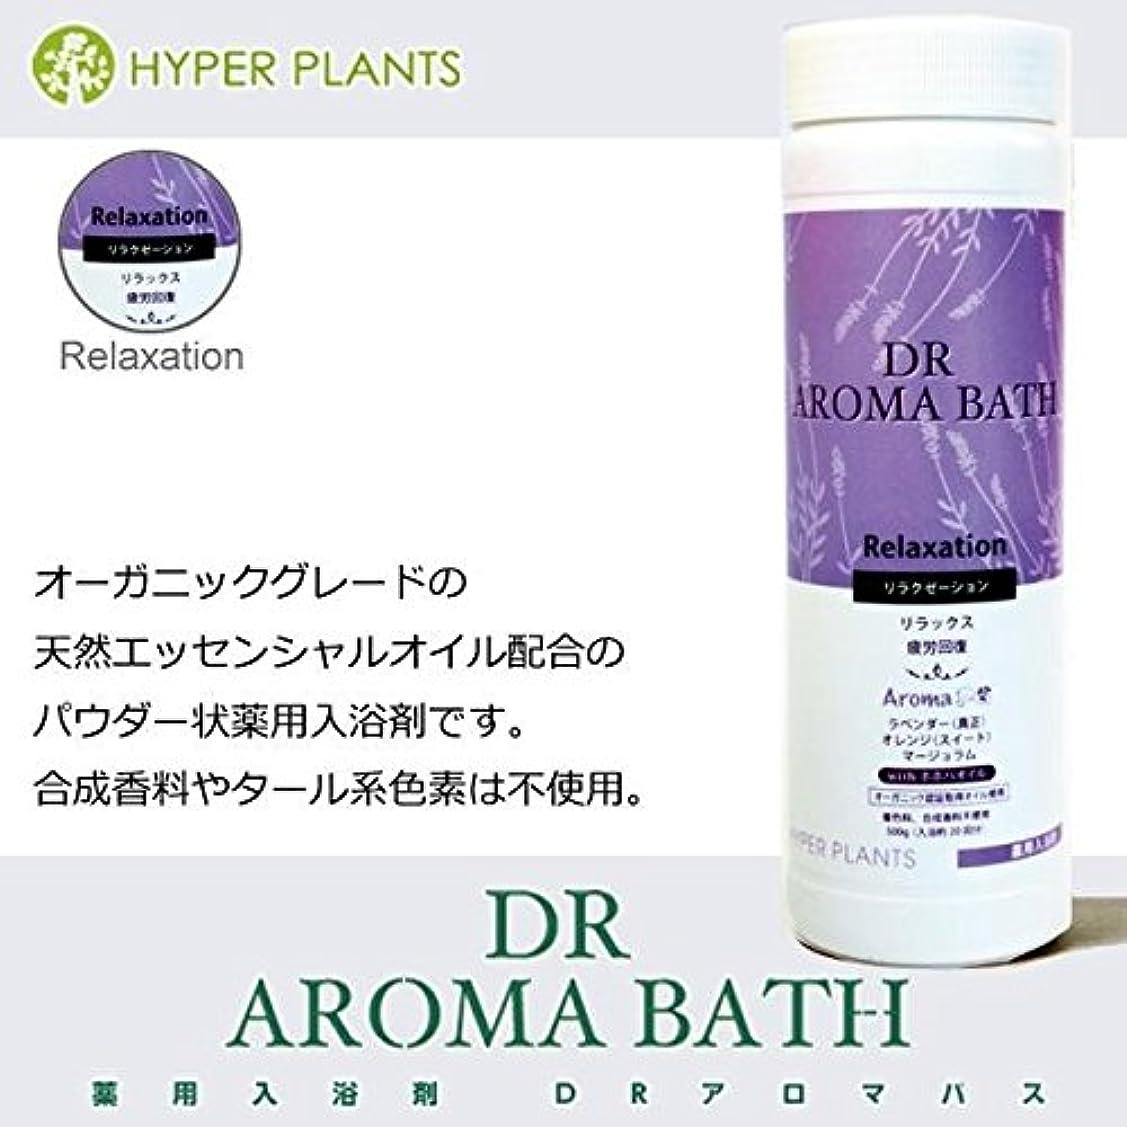 じゃない航空丁寧医薬部外品 薬用入浴剤 ハイパープランツ(HYPER PLANTS) DRアロマバス リラクゼーション 500g HNB001